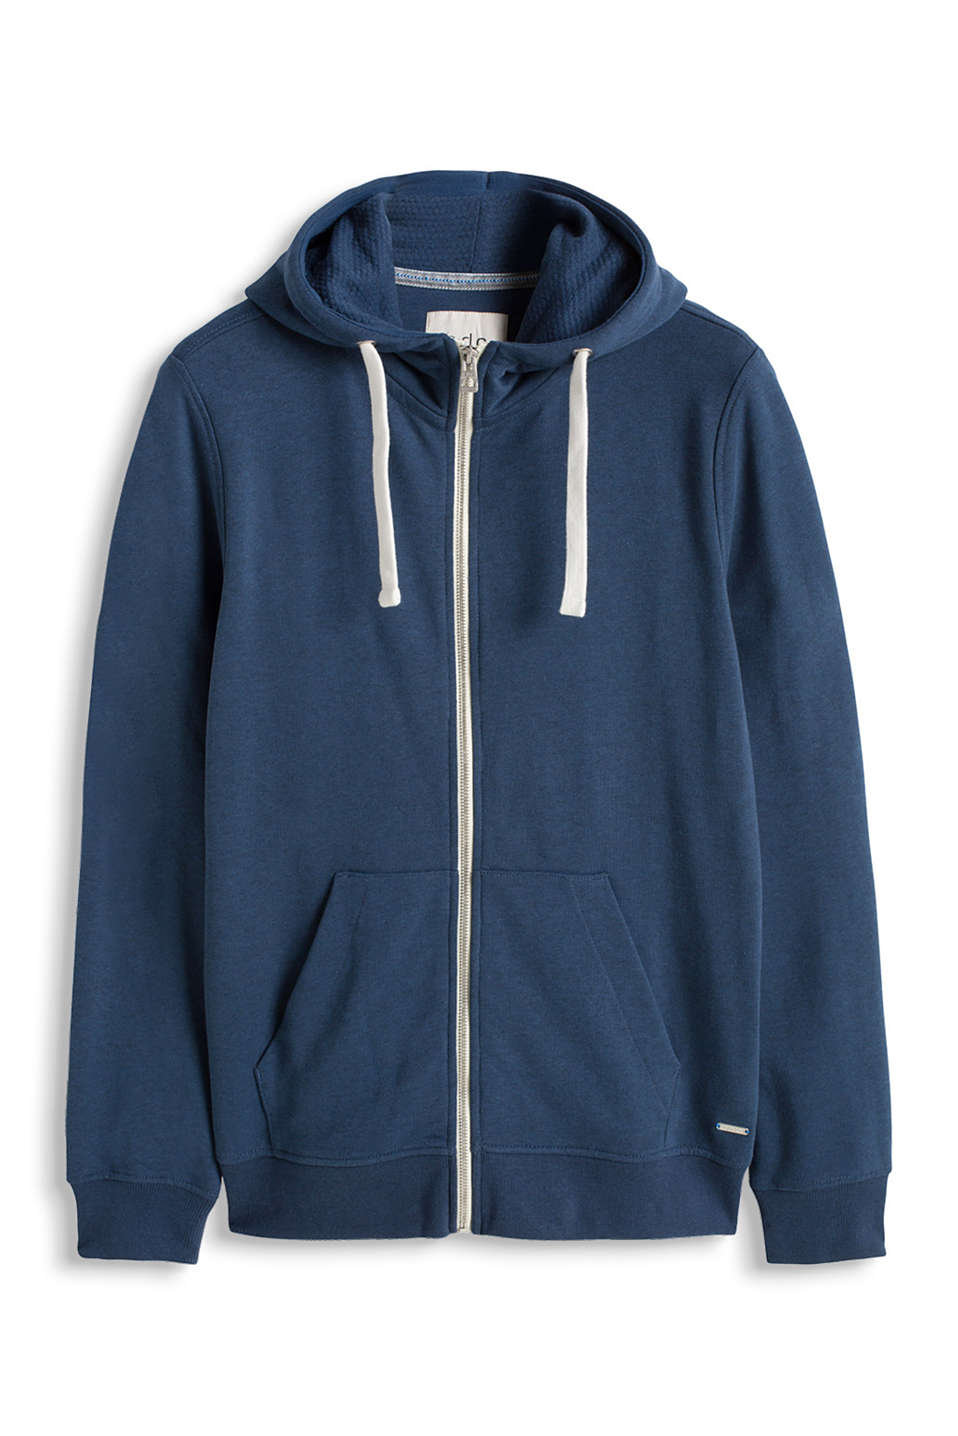 edc sweat hoodie jacke mit zipper im online shop kaufen. Black Bedroom Furniture Sets. Home Design Ideas